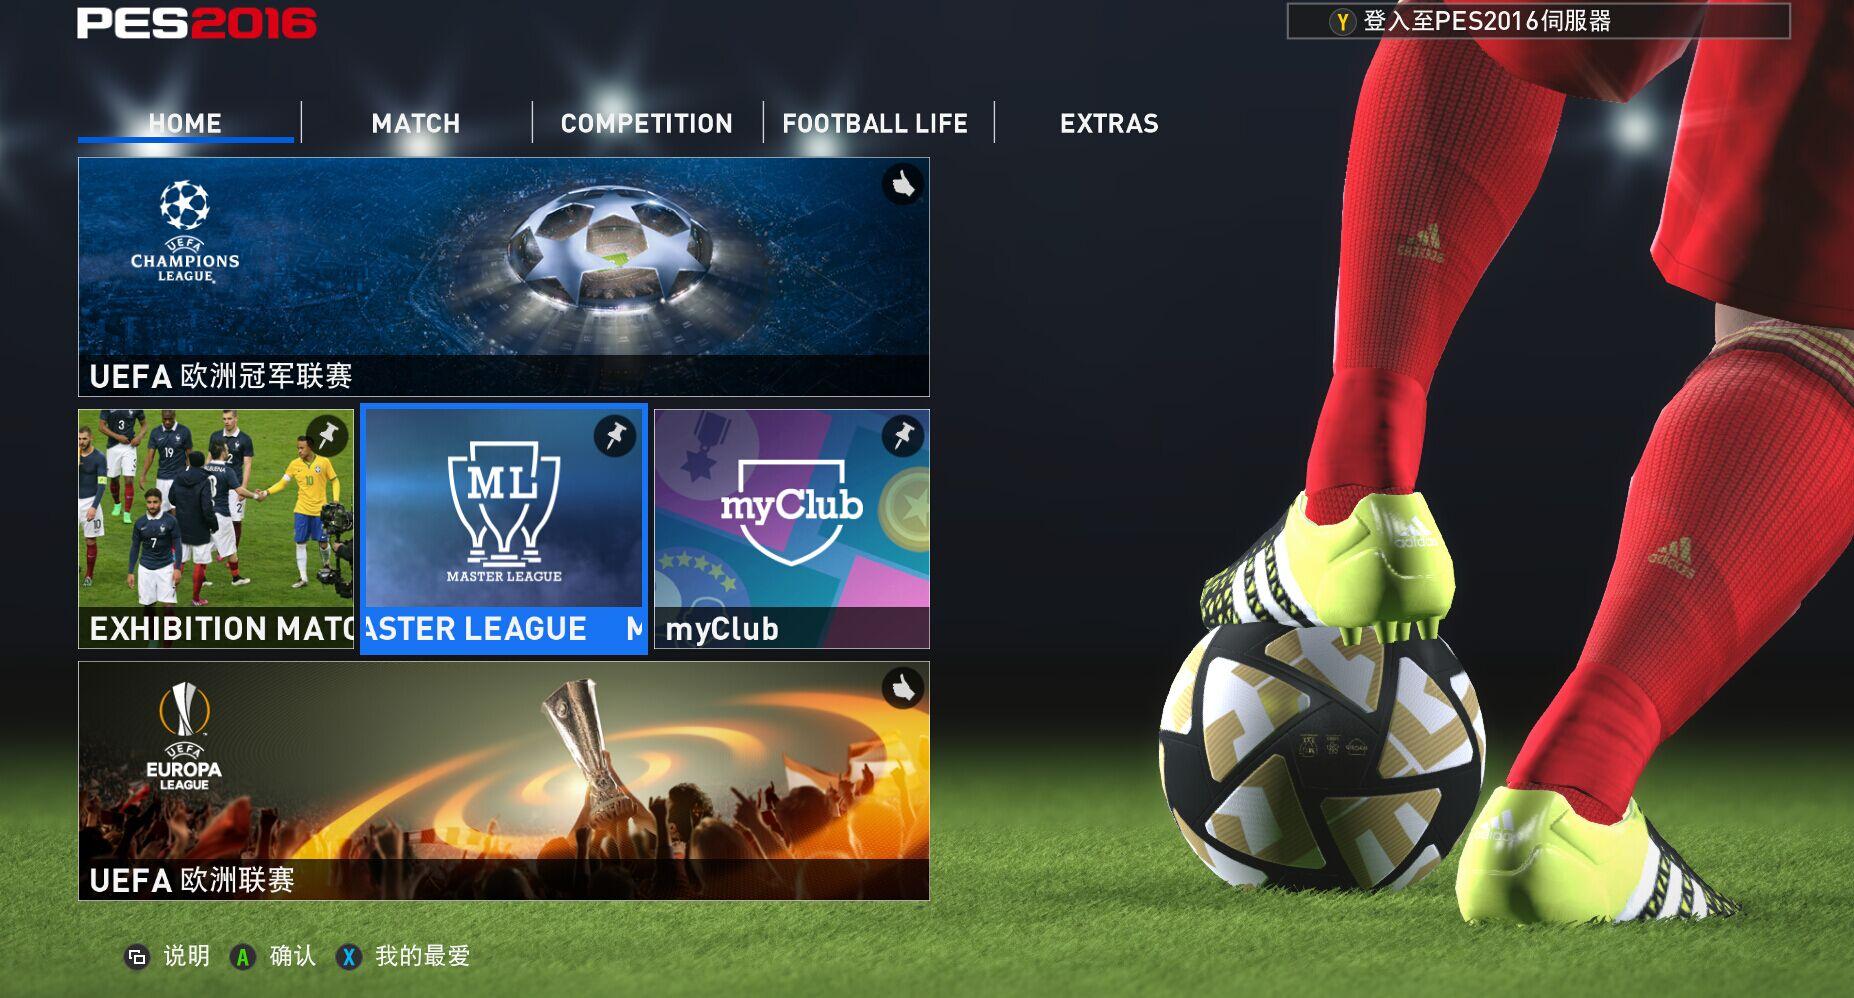 足球放大脚部位图解